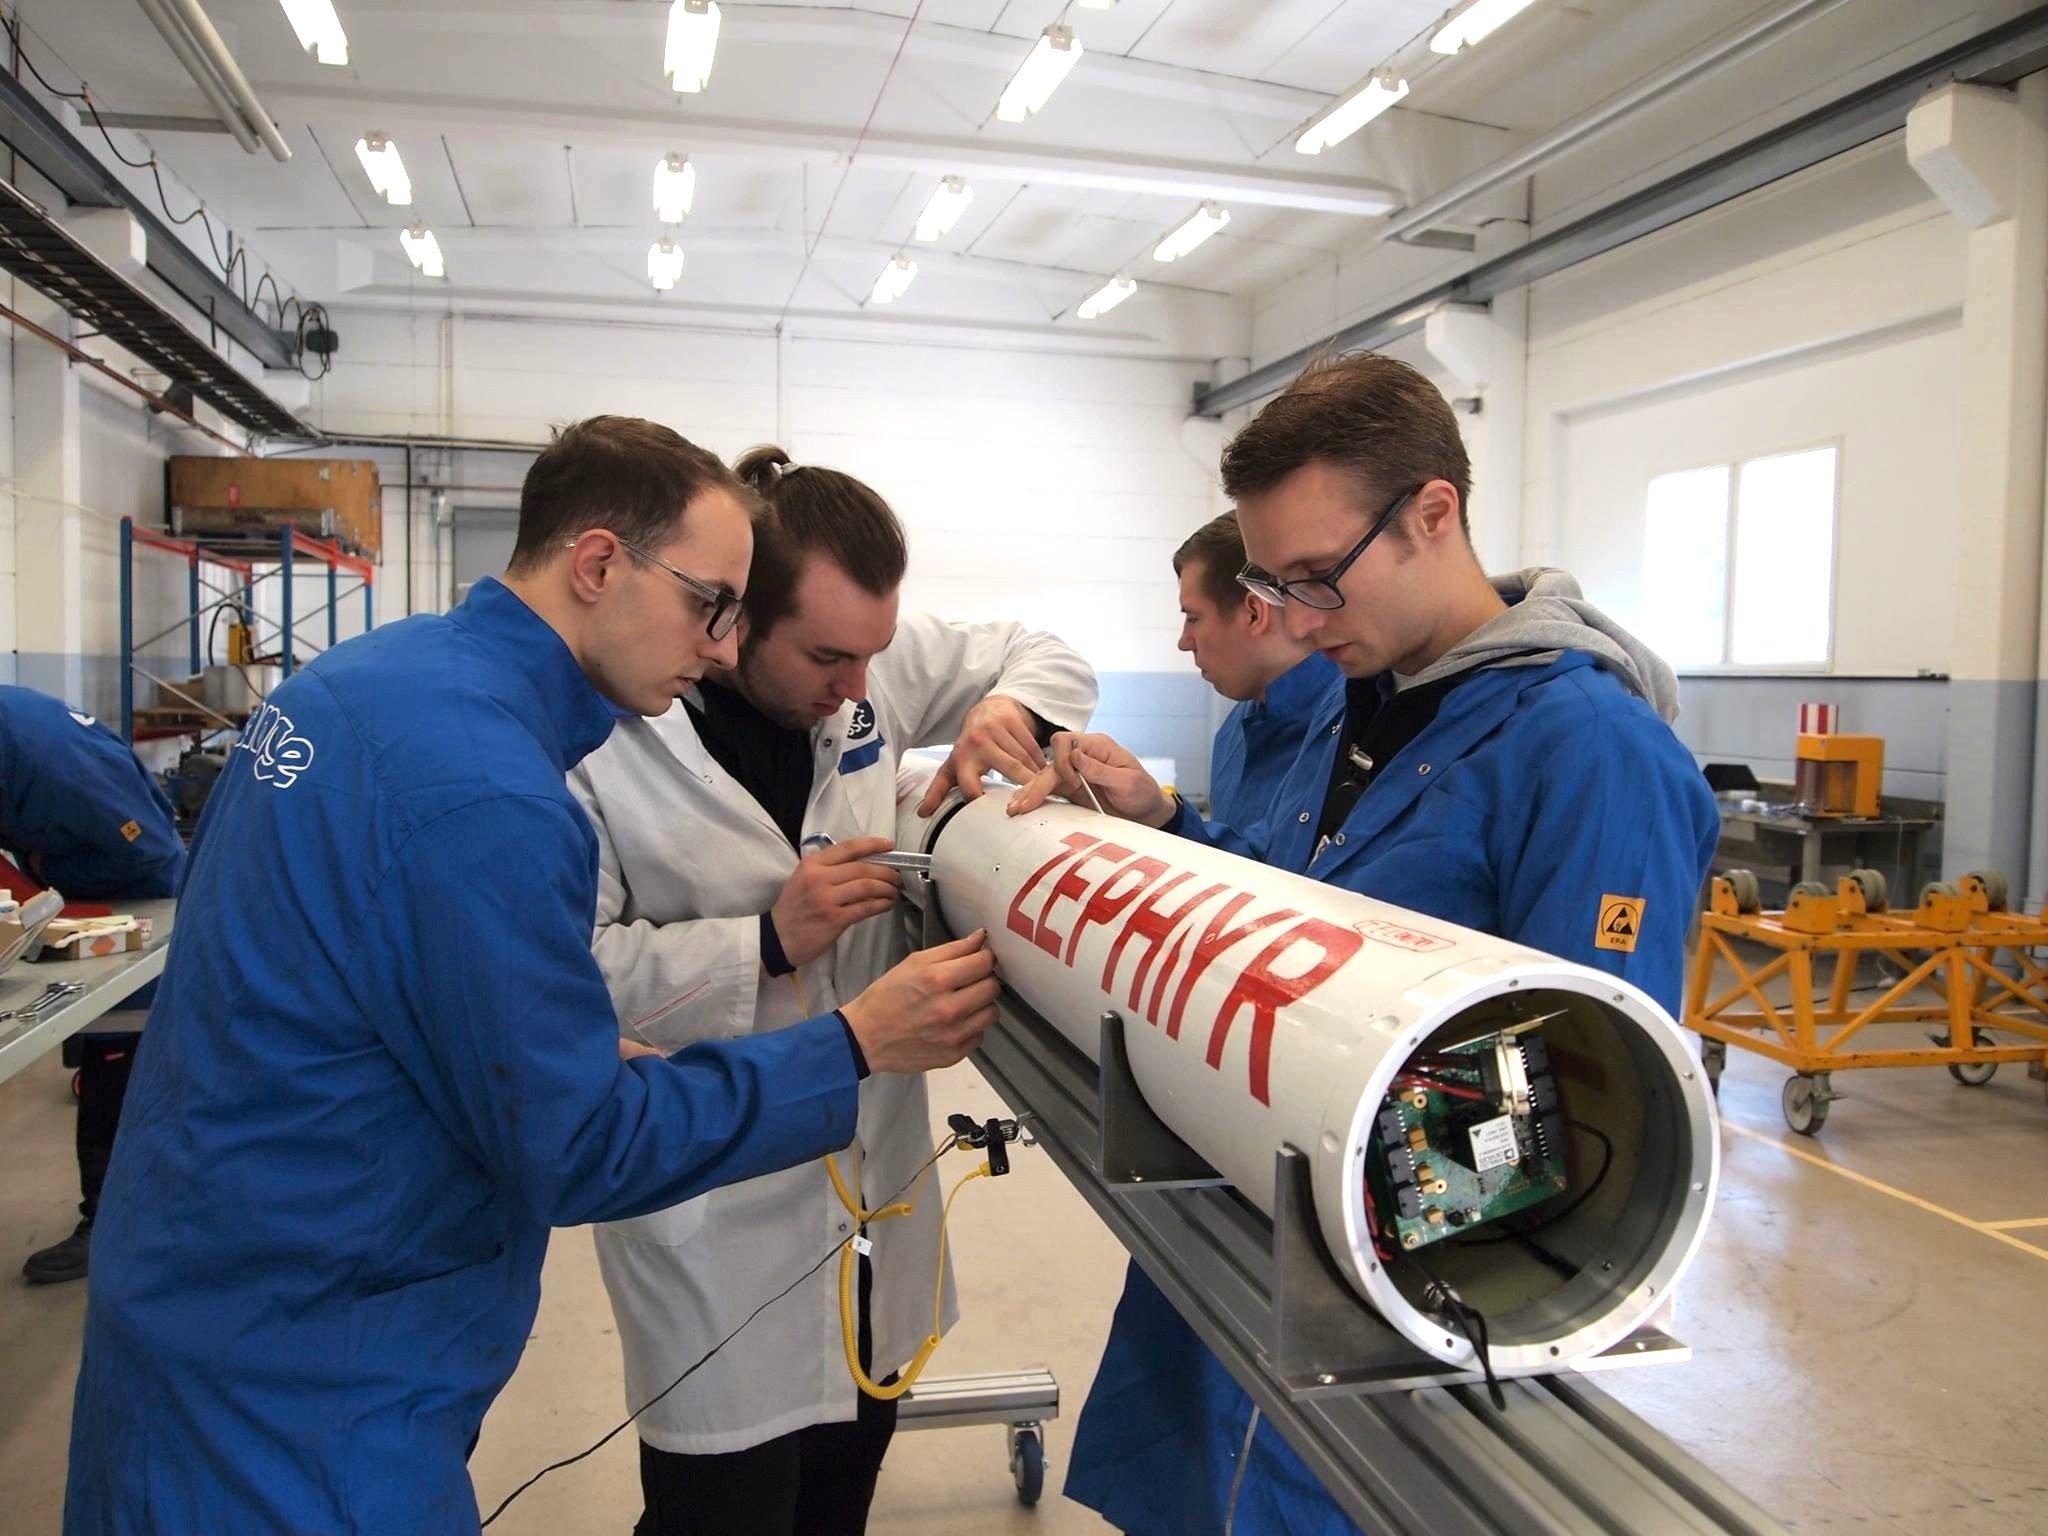 Preparierung der ZEPHYR-Rakete für den Start: Der Antrieb erreicht aus einem Gemisch aus Paraffin und Sauerstoff 8100 PS.